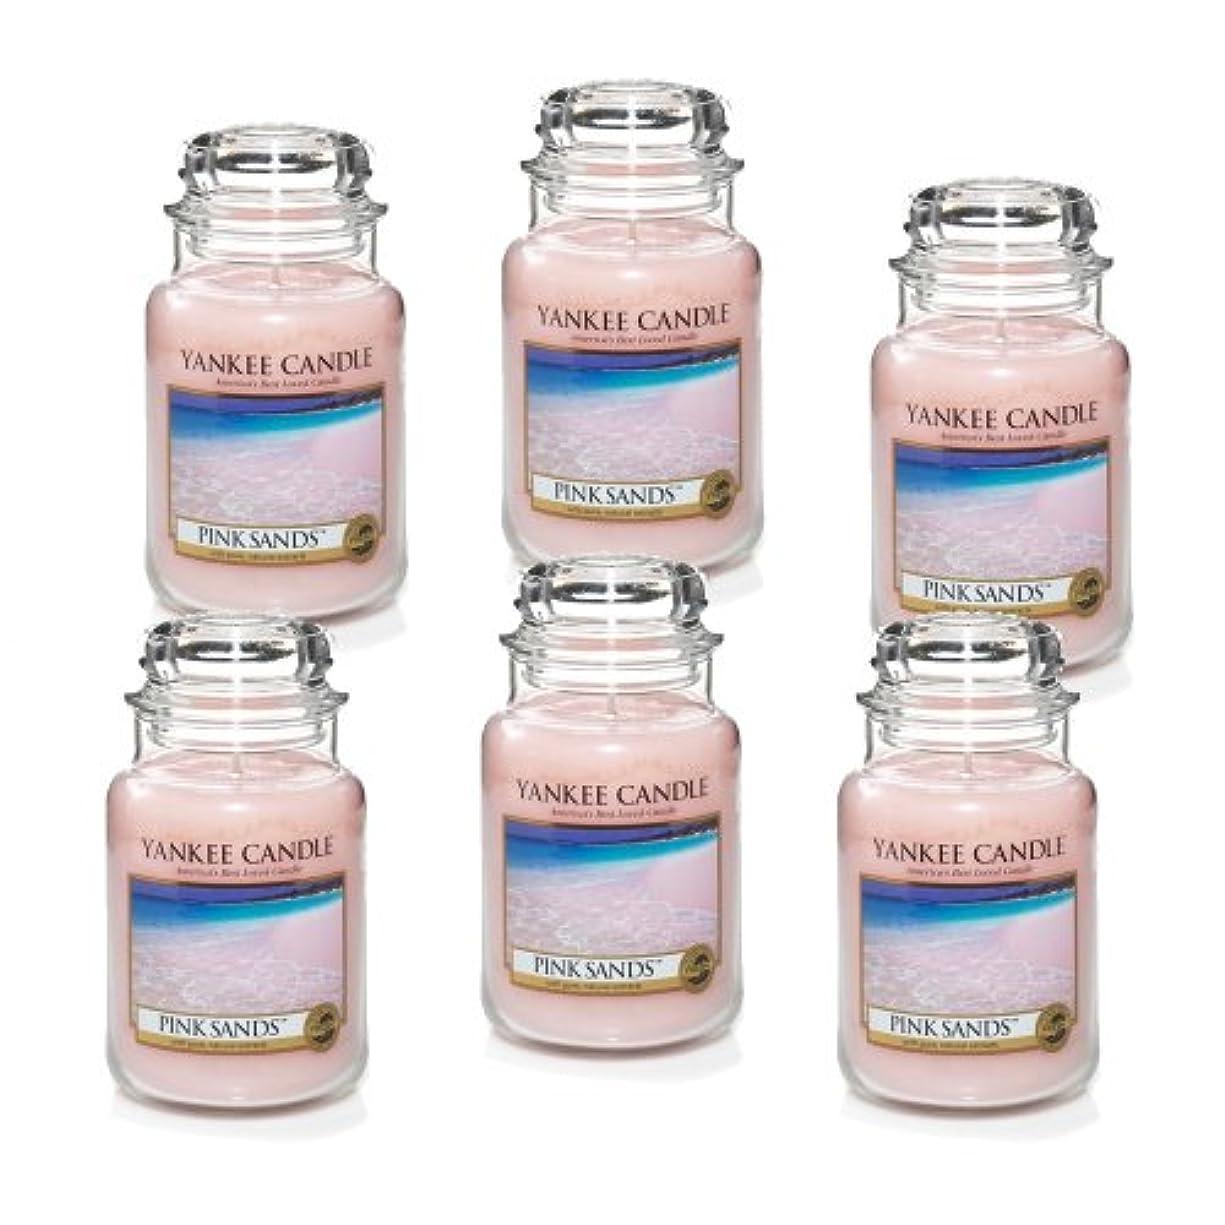 ハンバーガー黒板肉のYankee Candle ピンクサンズ 大瓶 22オンス キャンドル Set of 6 ピンク 1205337X6